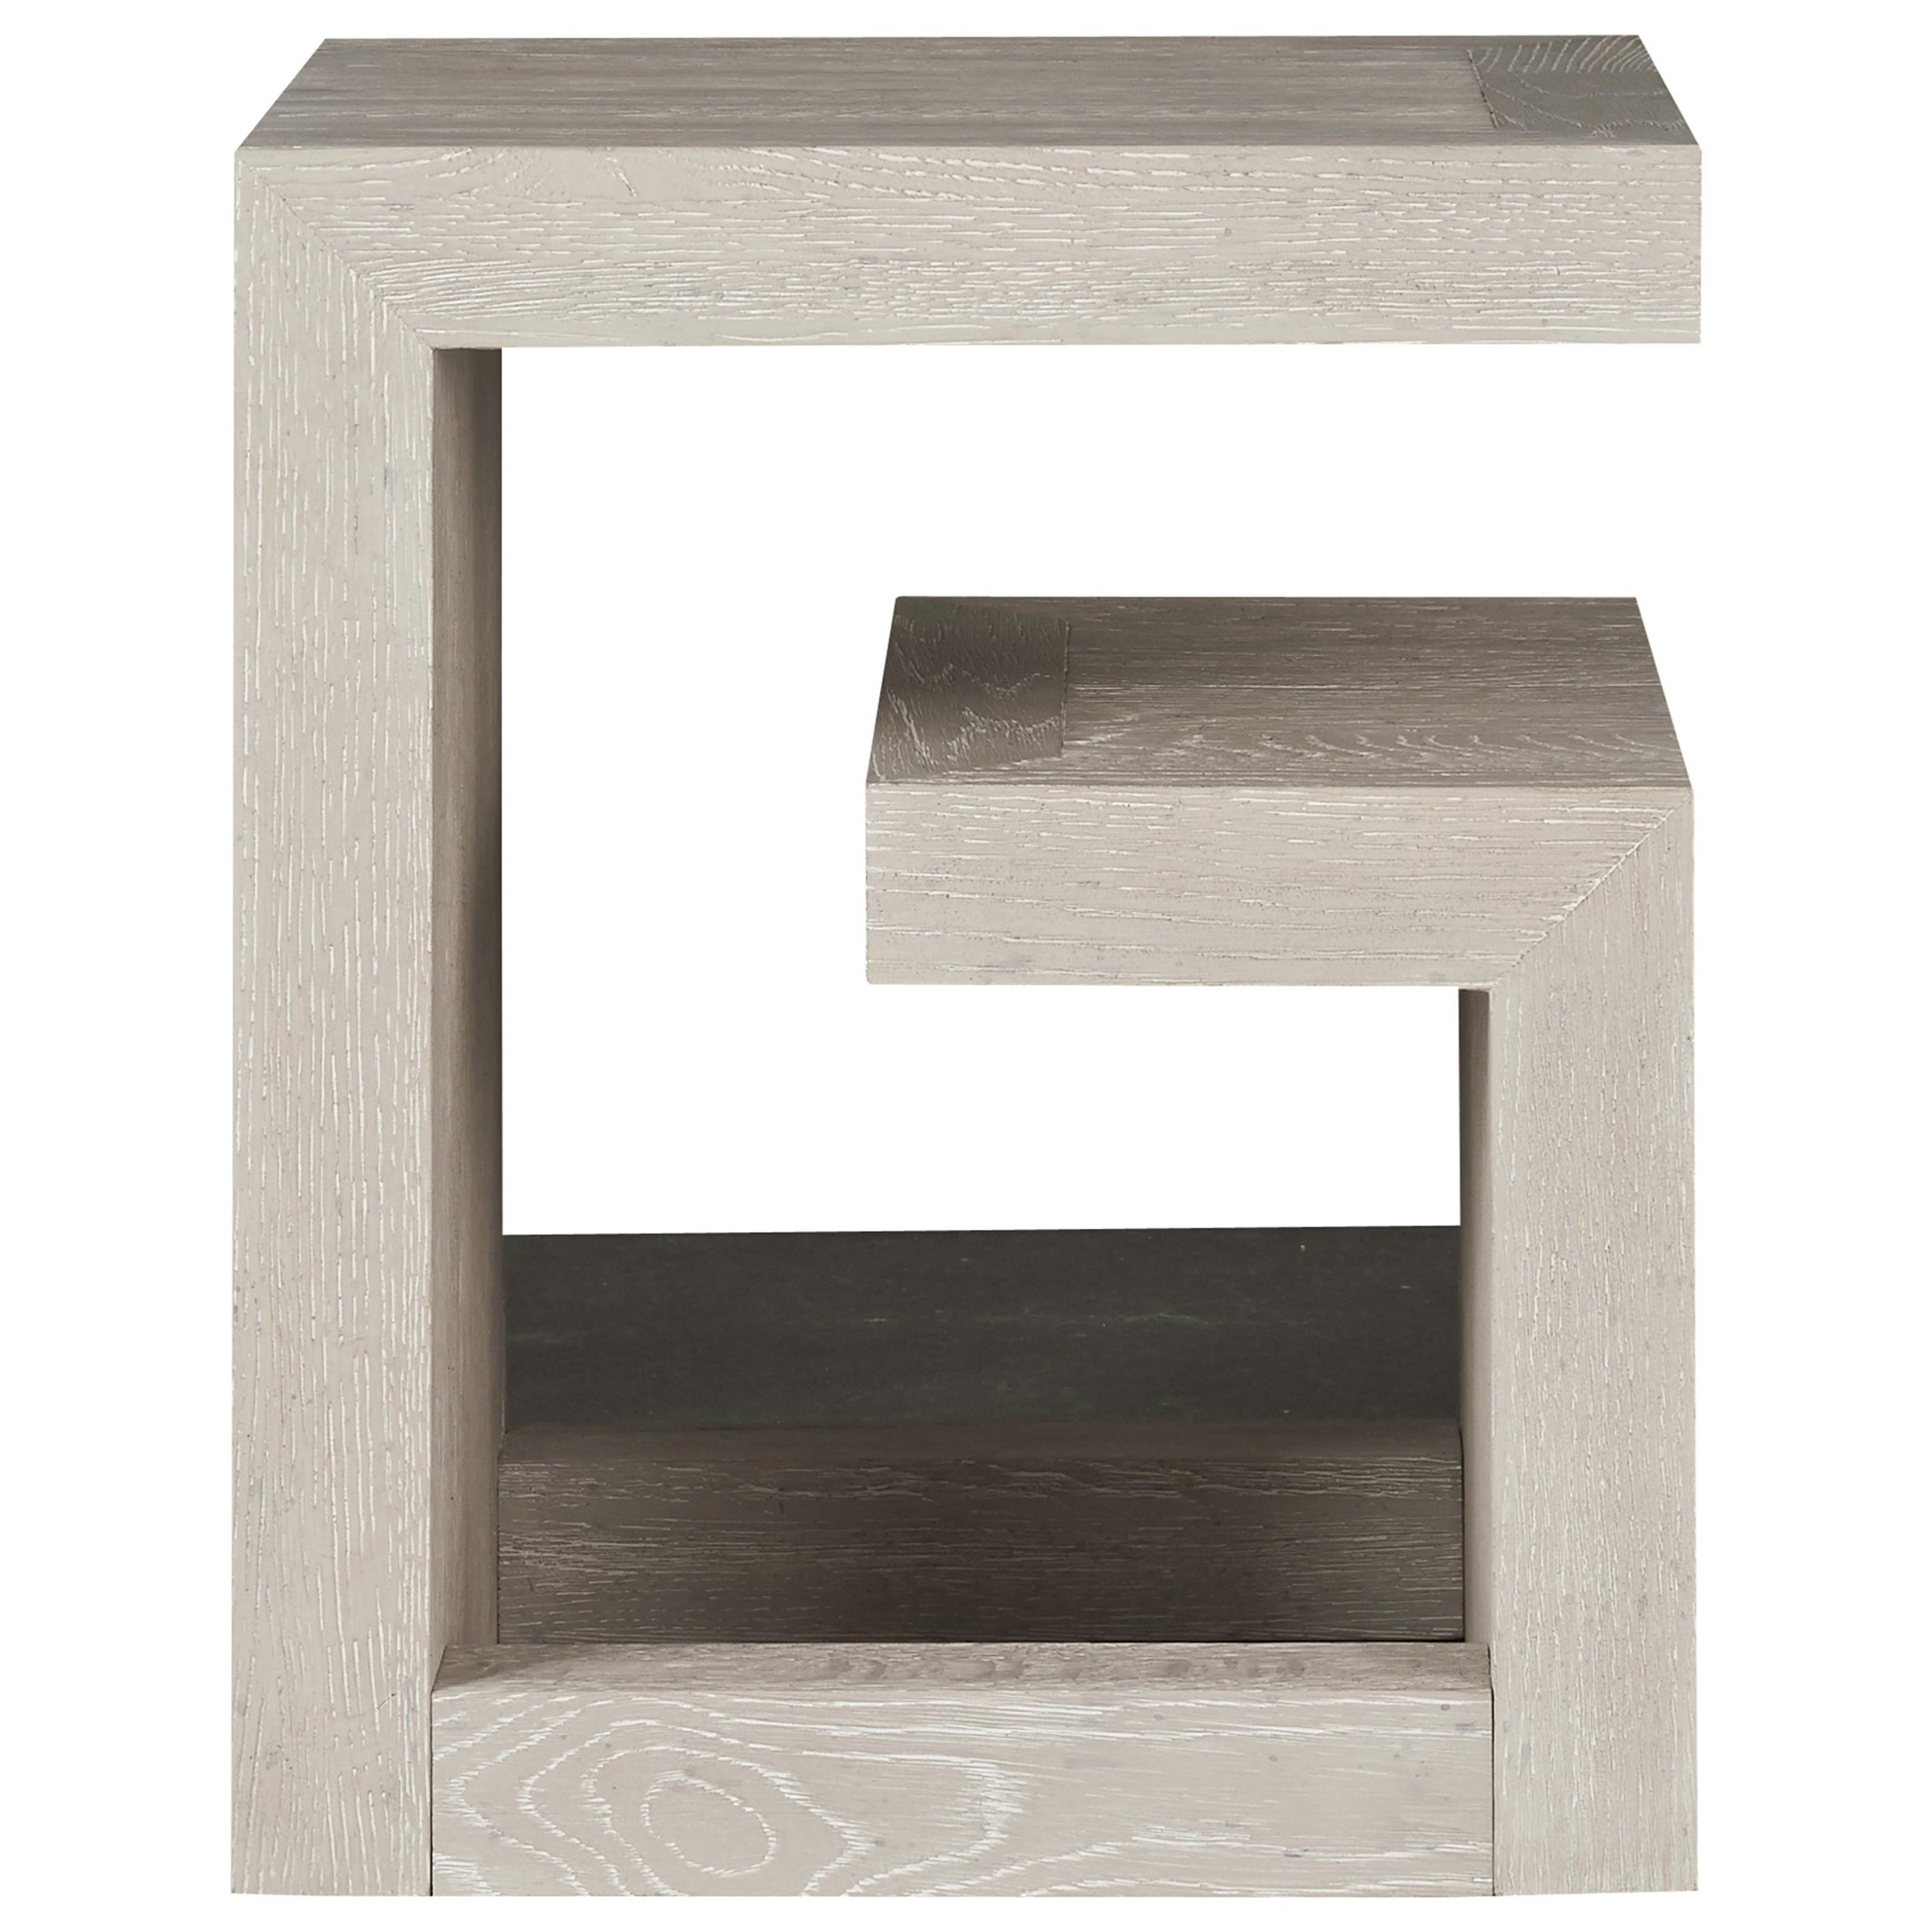 Universal ModernBedside Table; Universal ModernBedside Table